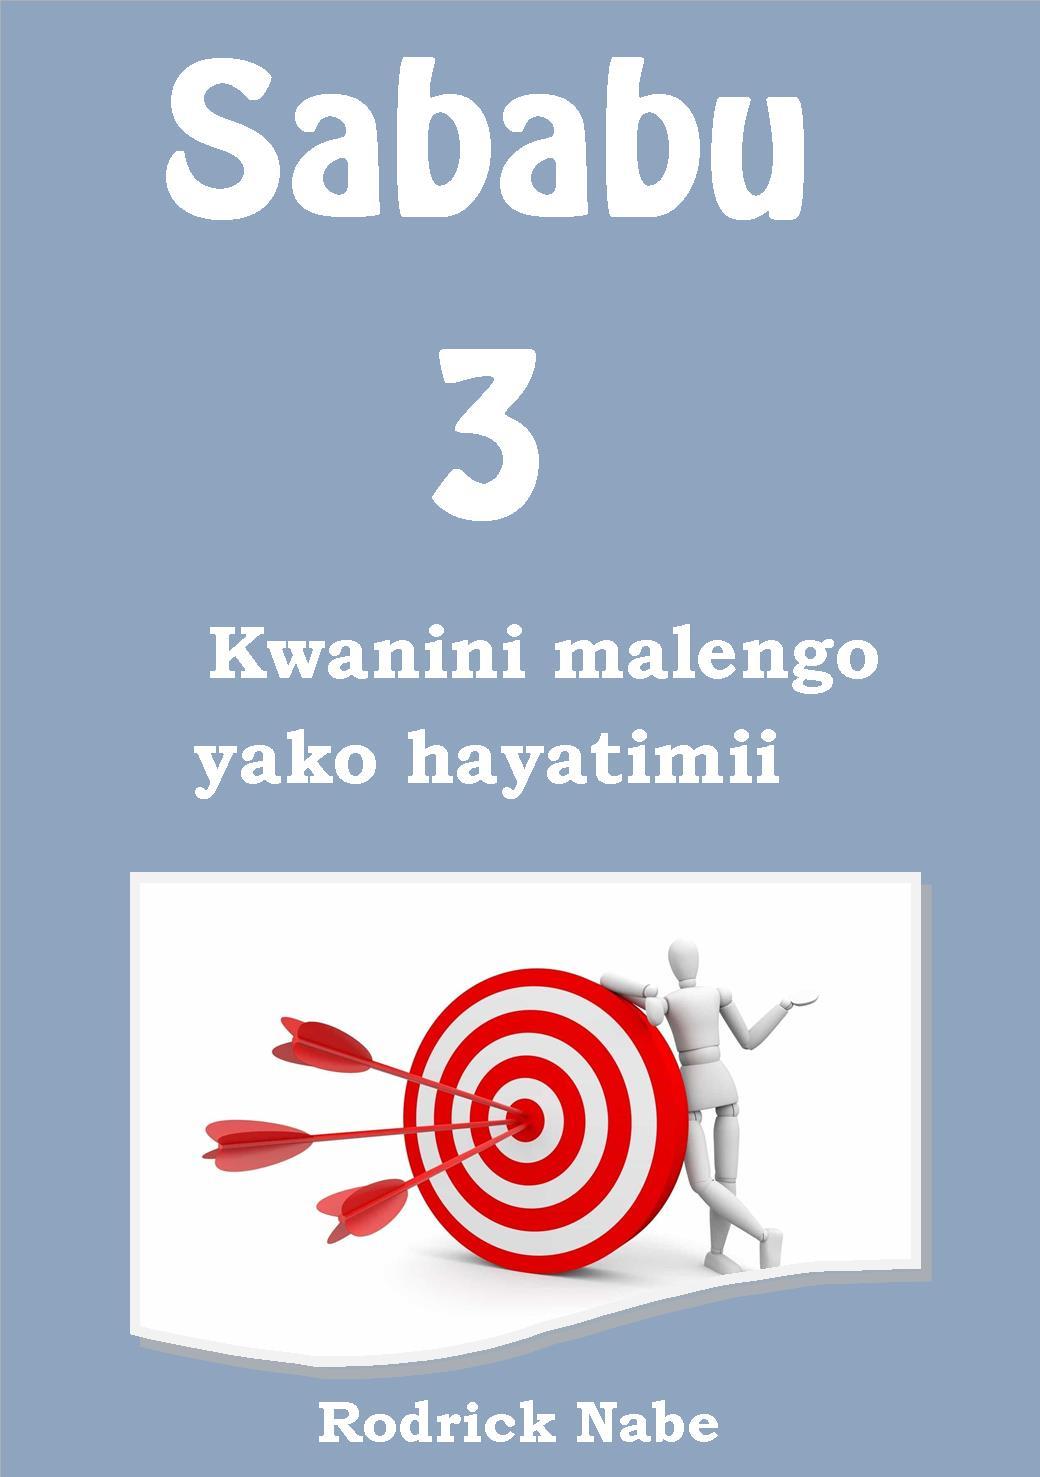 SABABU 3 KWANINI MALENGO YAKO HAYATIMII